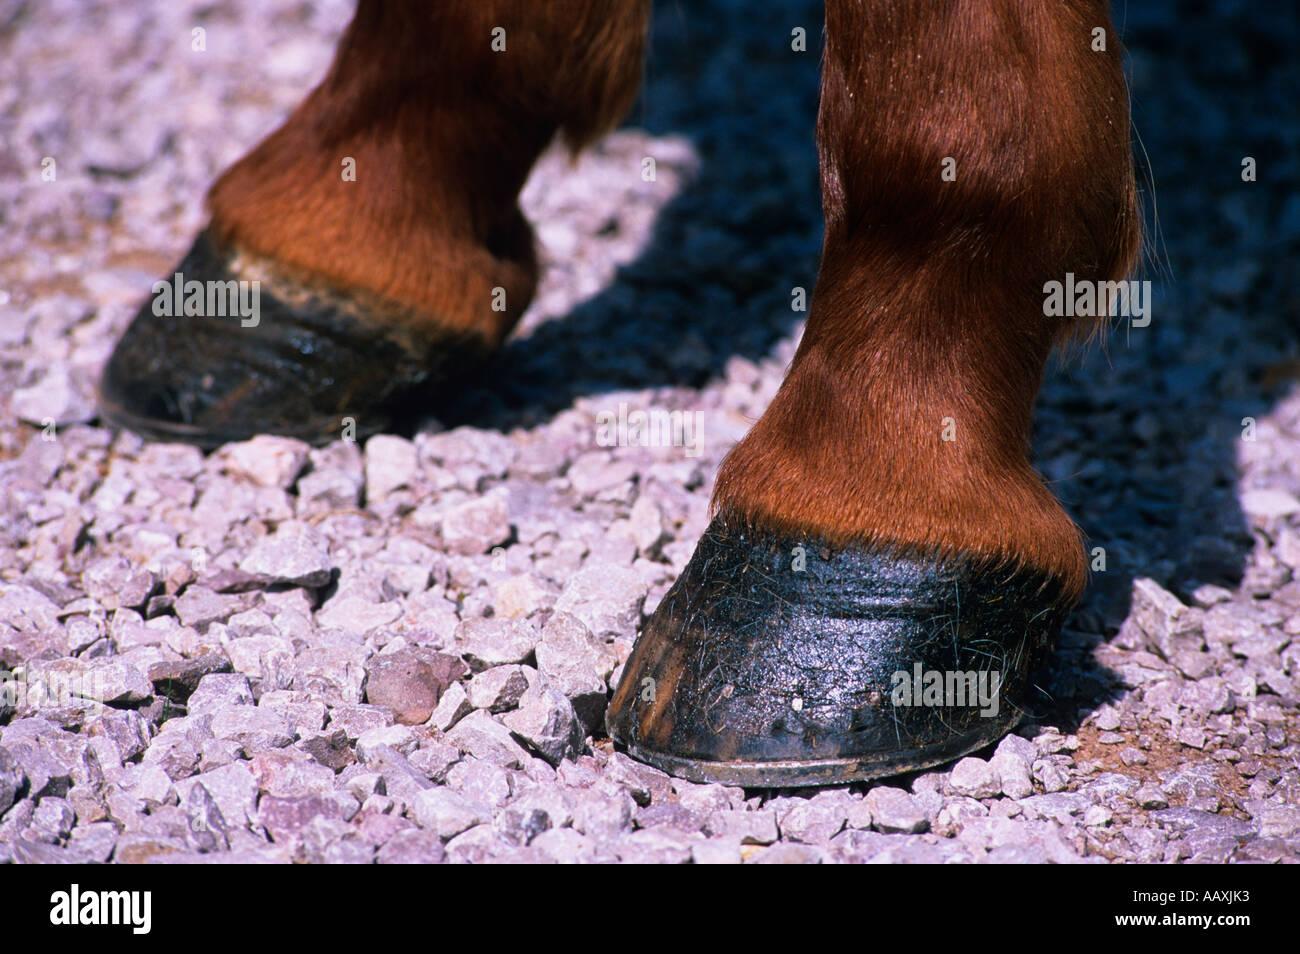 Horses hooves on gravel road - Stock Image